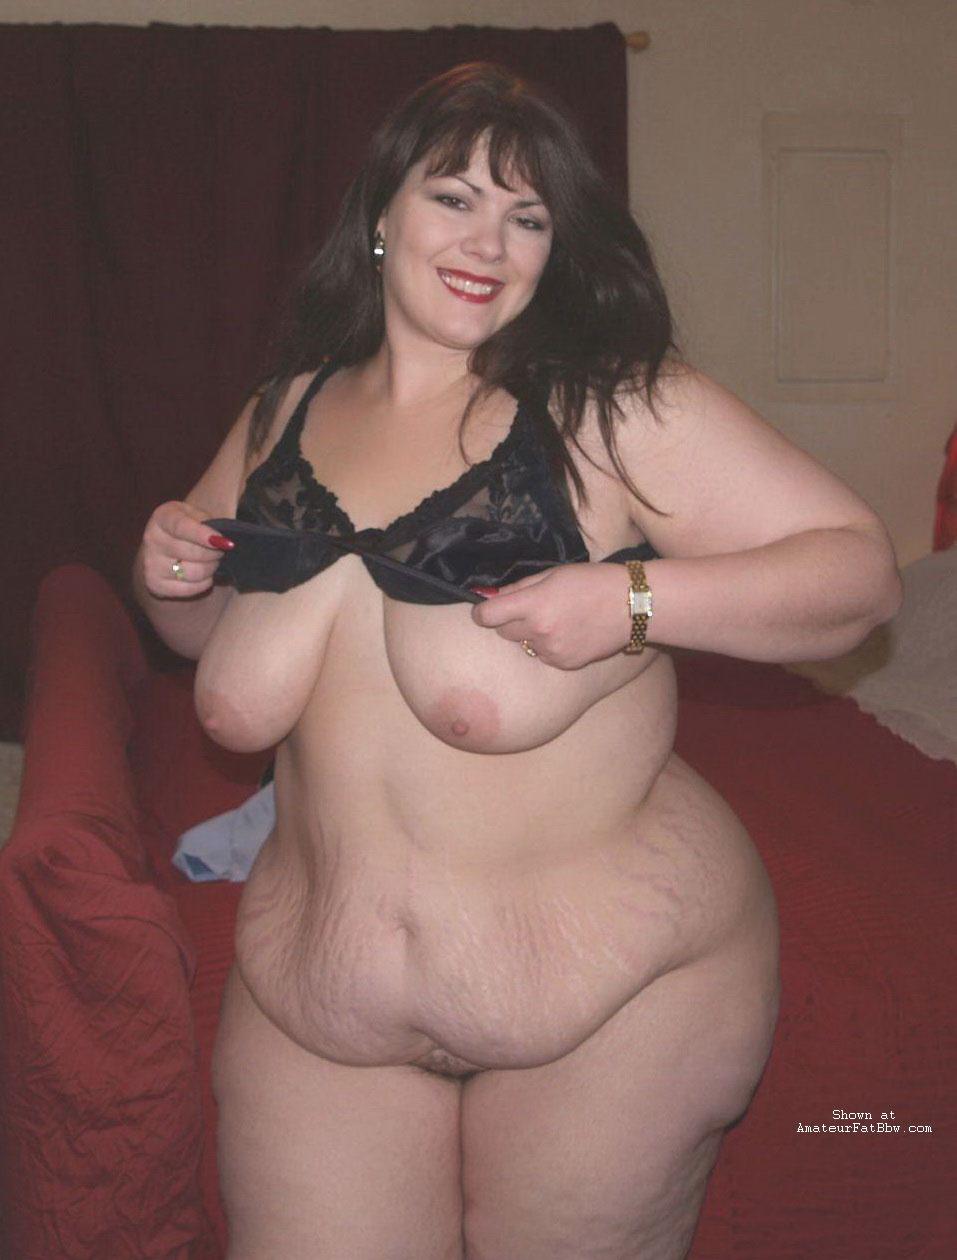 mulher nua big ass thin waist nude